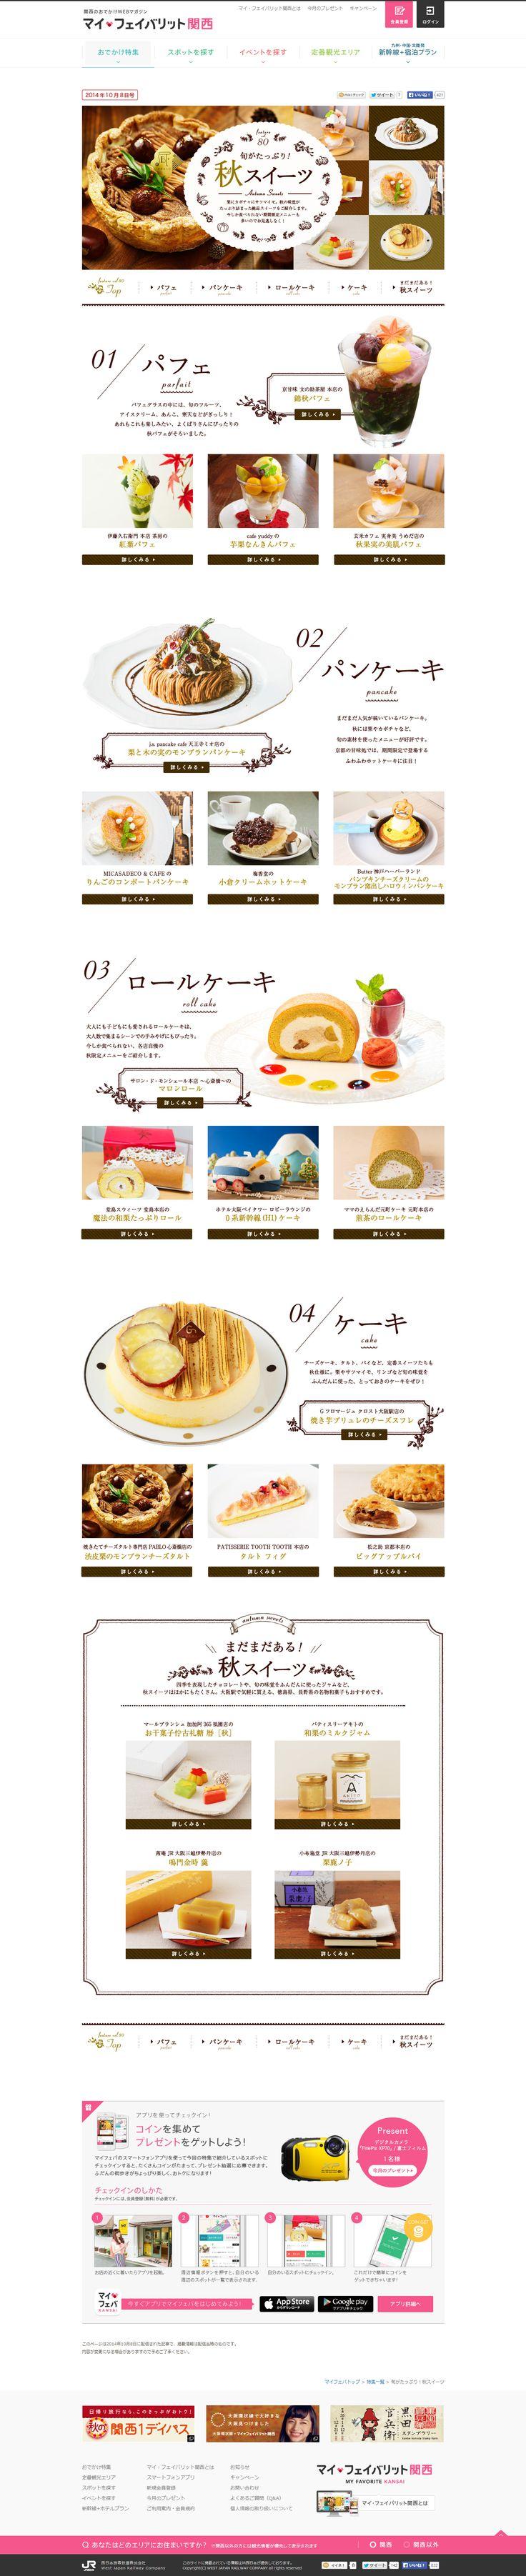 【特集Vol.80】旬がたっぷり!秋スイーツ:マイ・フェイバリット関西